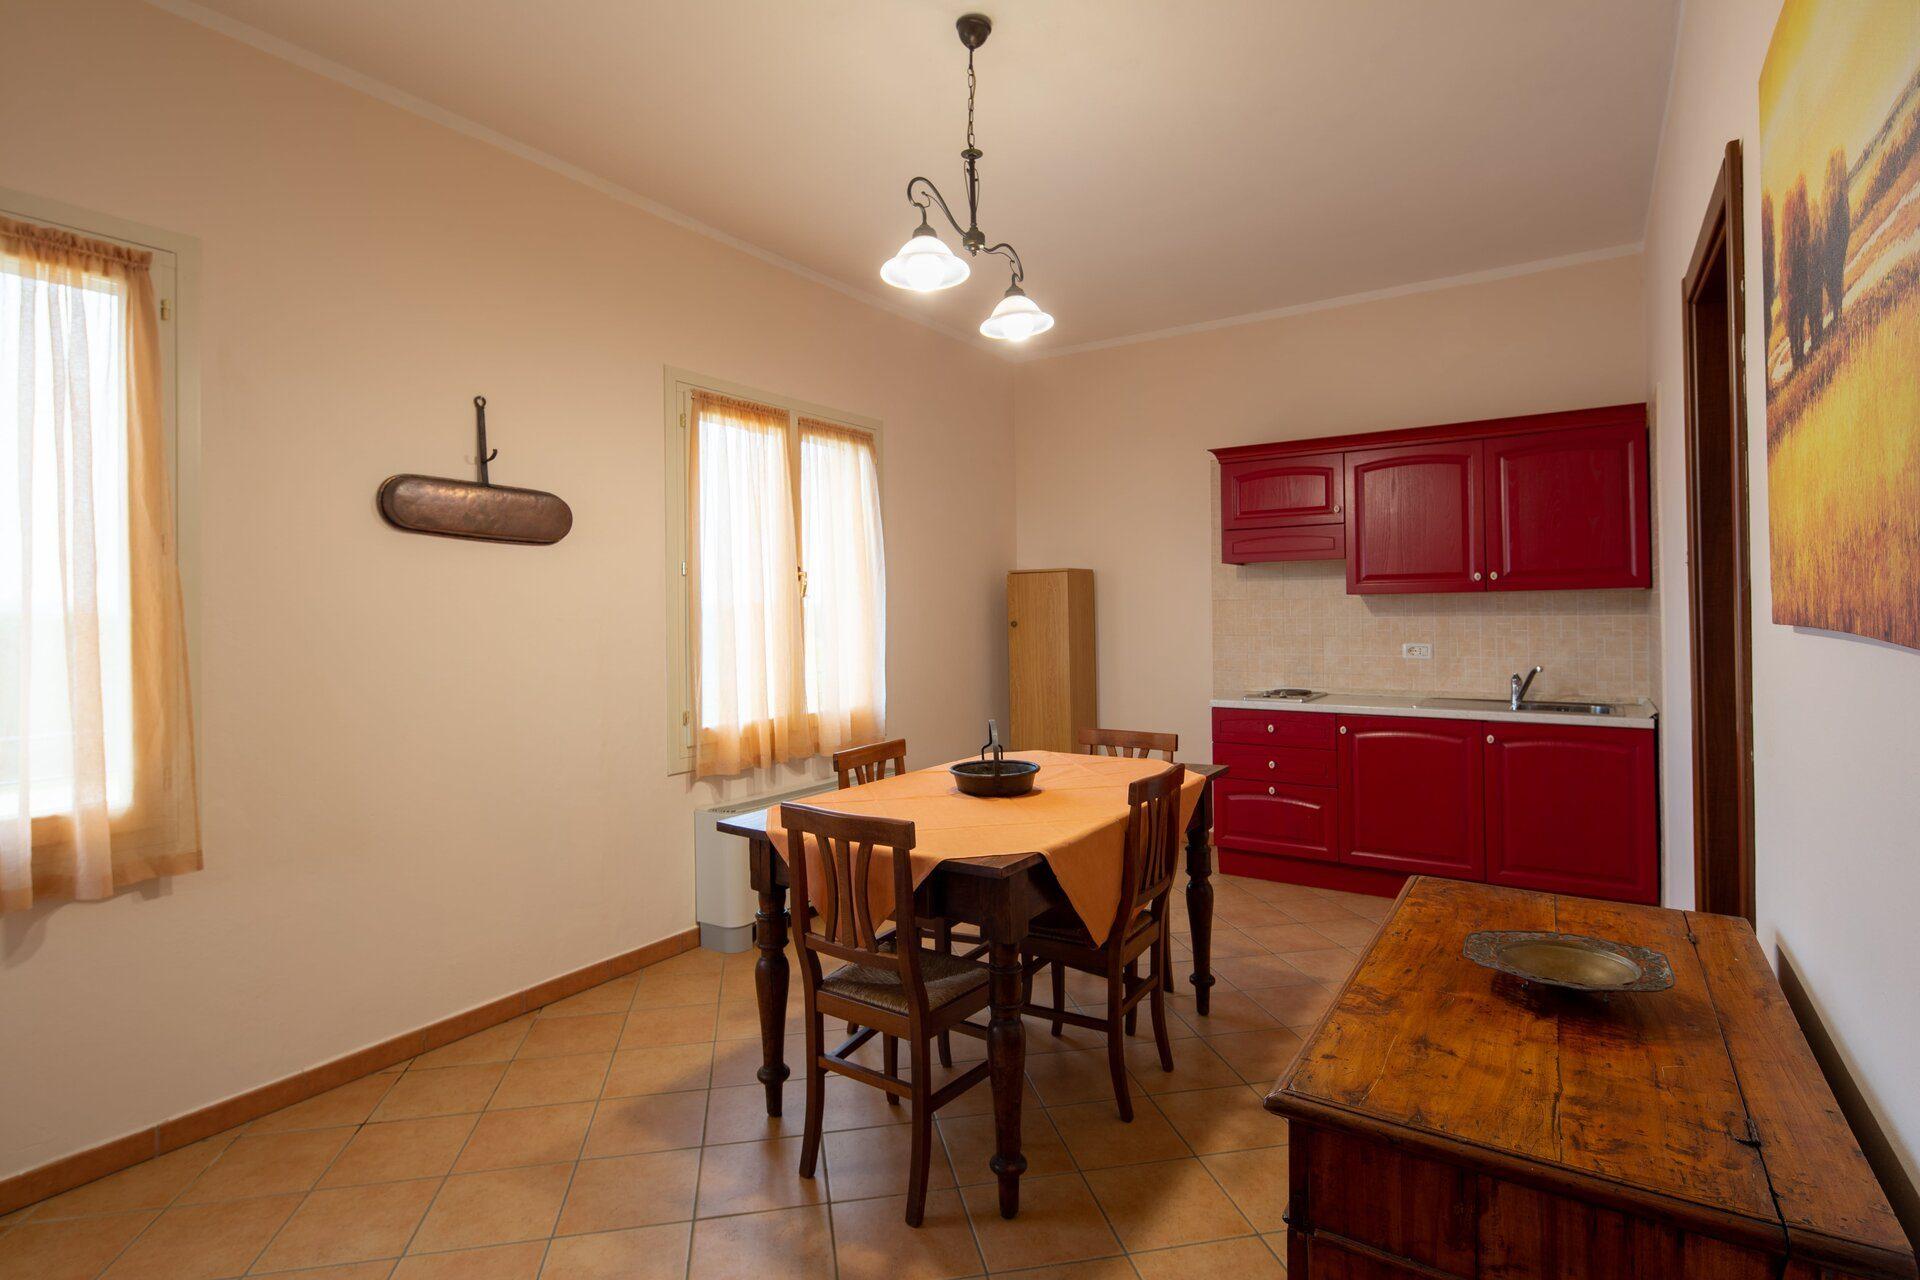 Agriturismo-La-Torretta-Appartamento-1-01-min